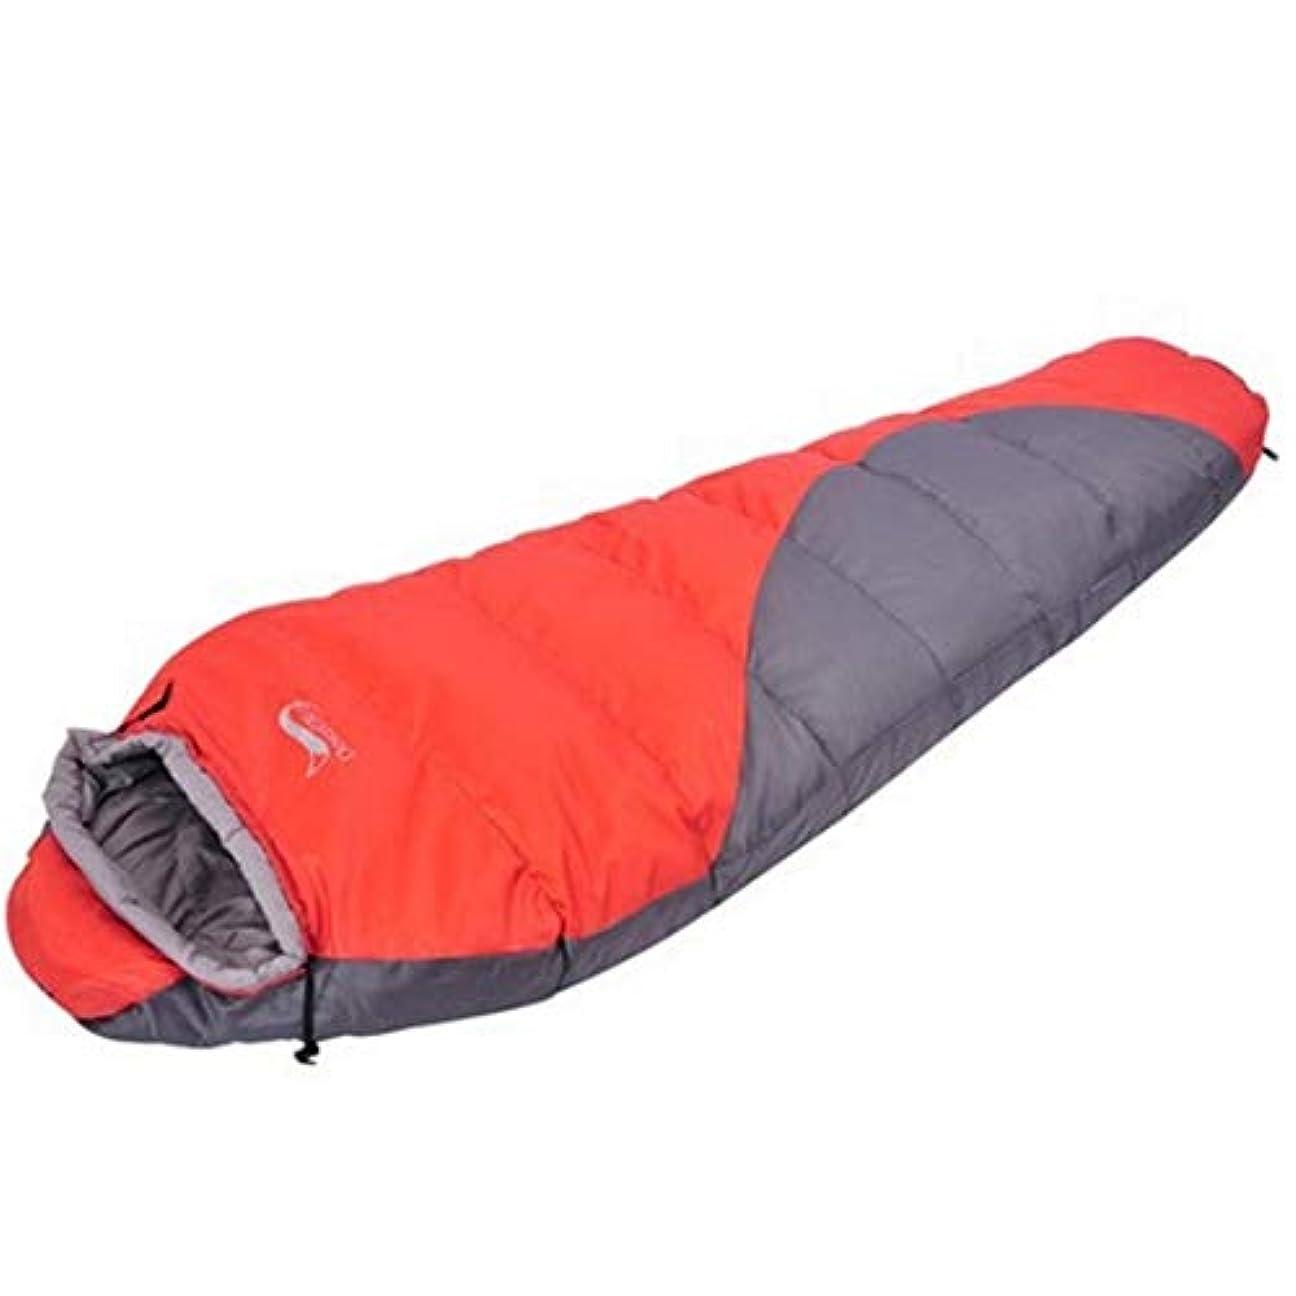 契約する説教規定Madalena 秋と冬のミイラ中空綿屋外寝袋ダブル厚い大人の寝袋ランチブレークロックキャンプ寝袋 (Color : Red)